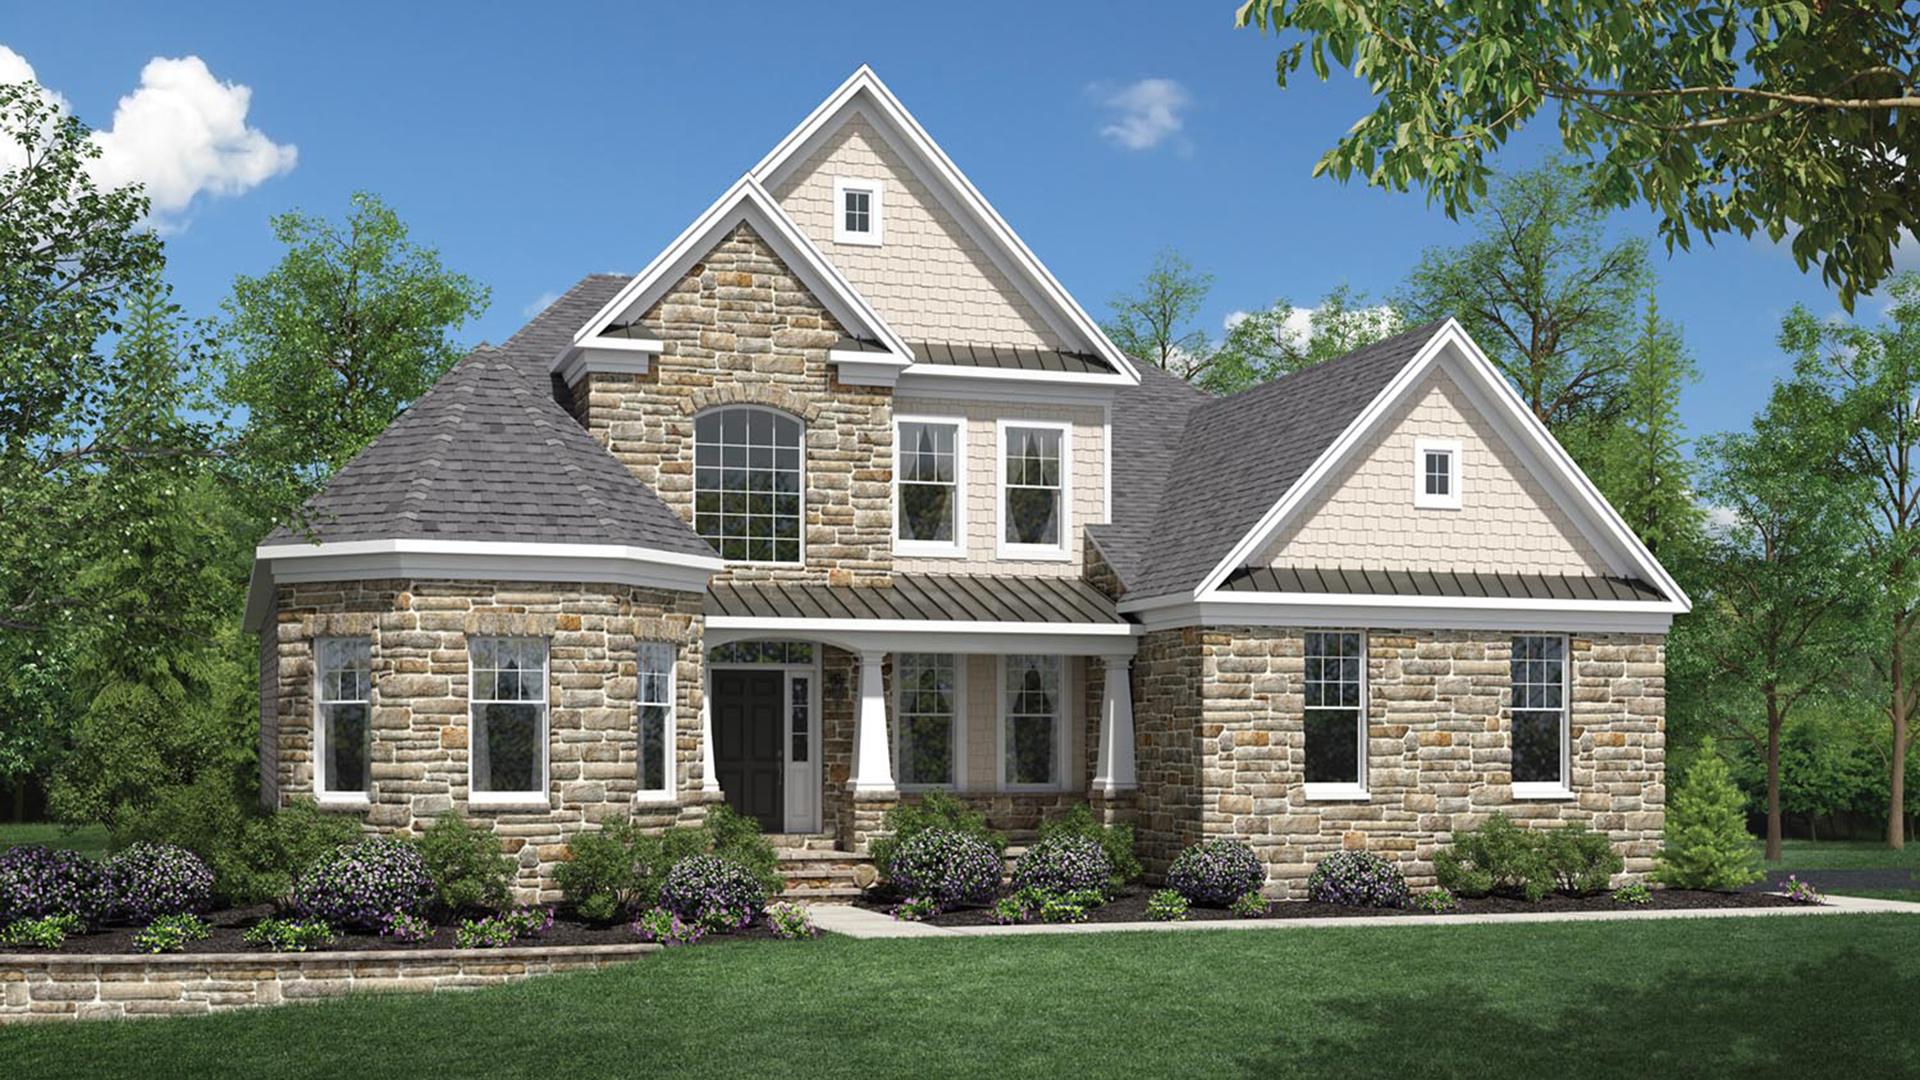 glastonbury estates the palmerton home design